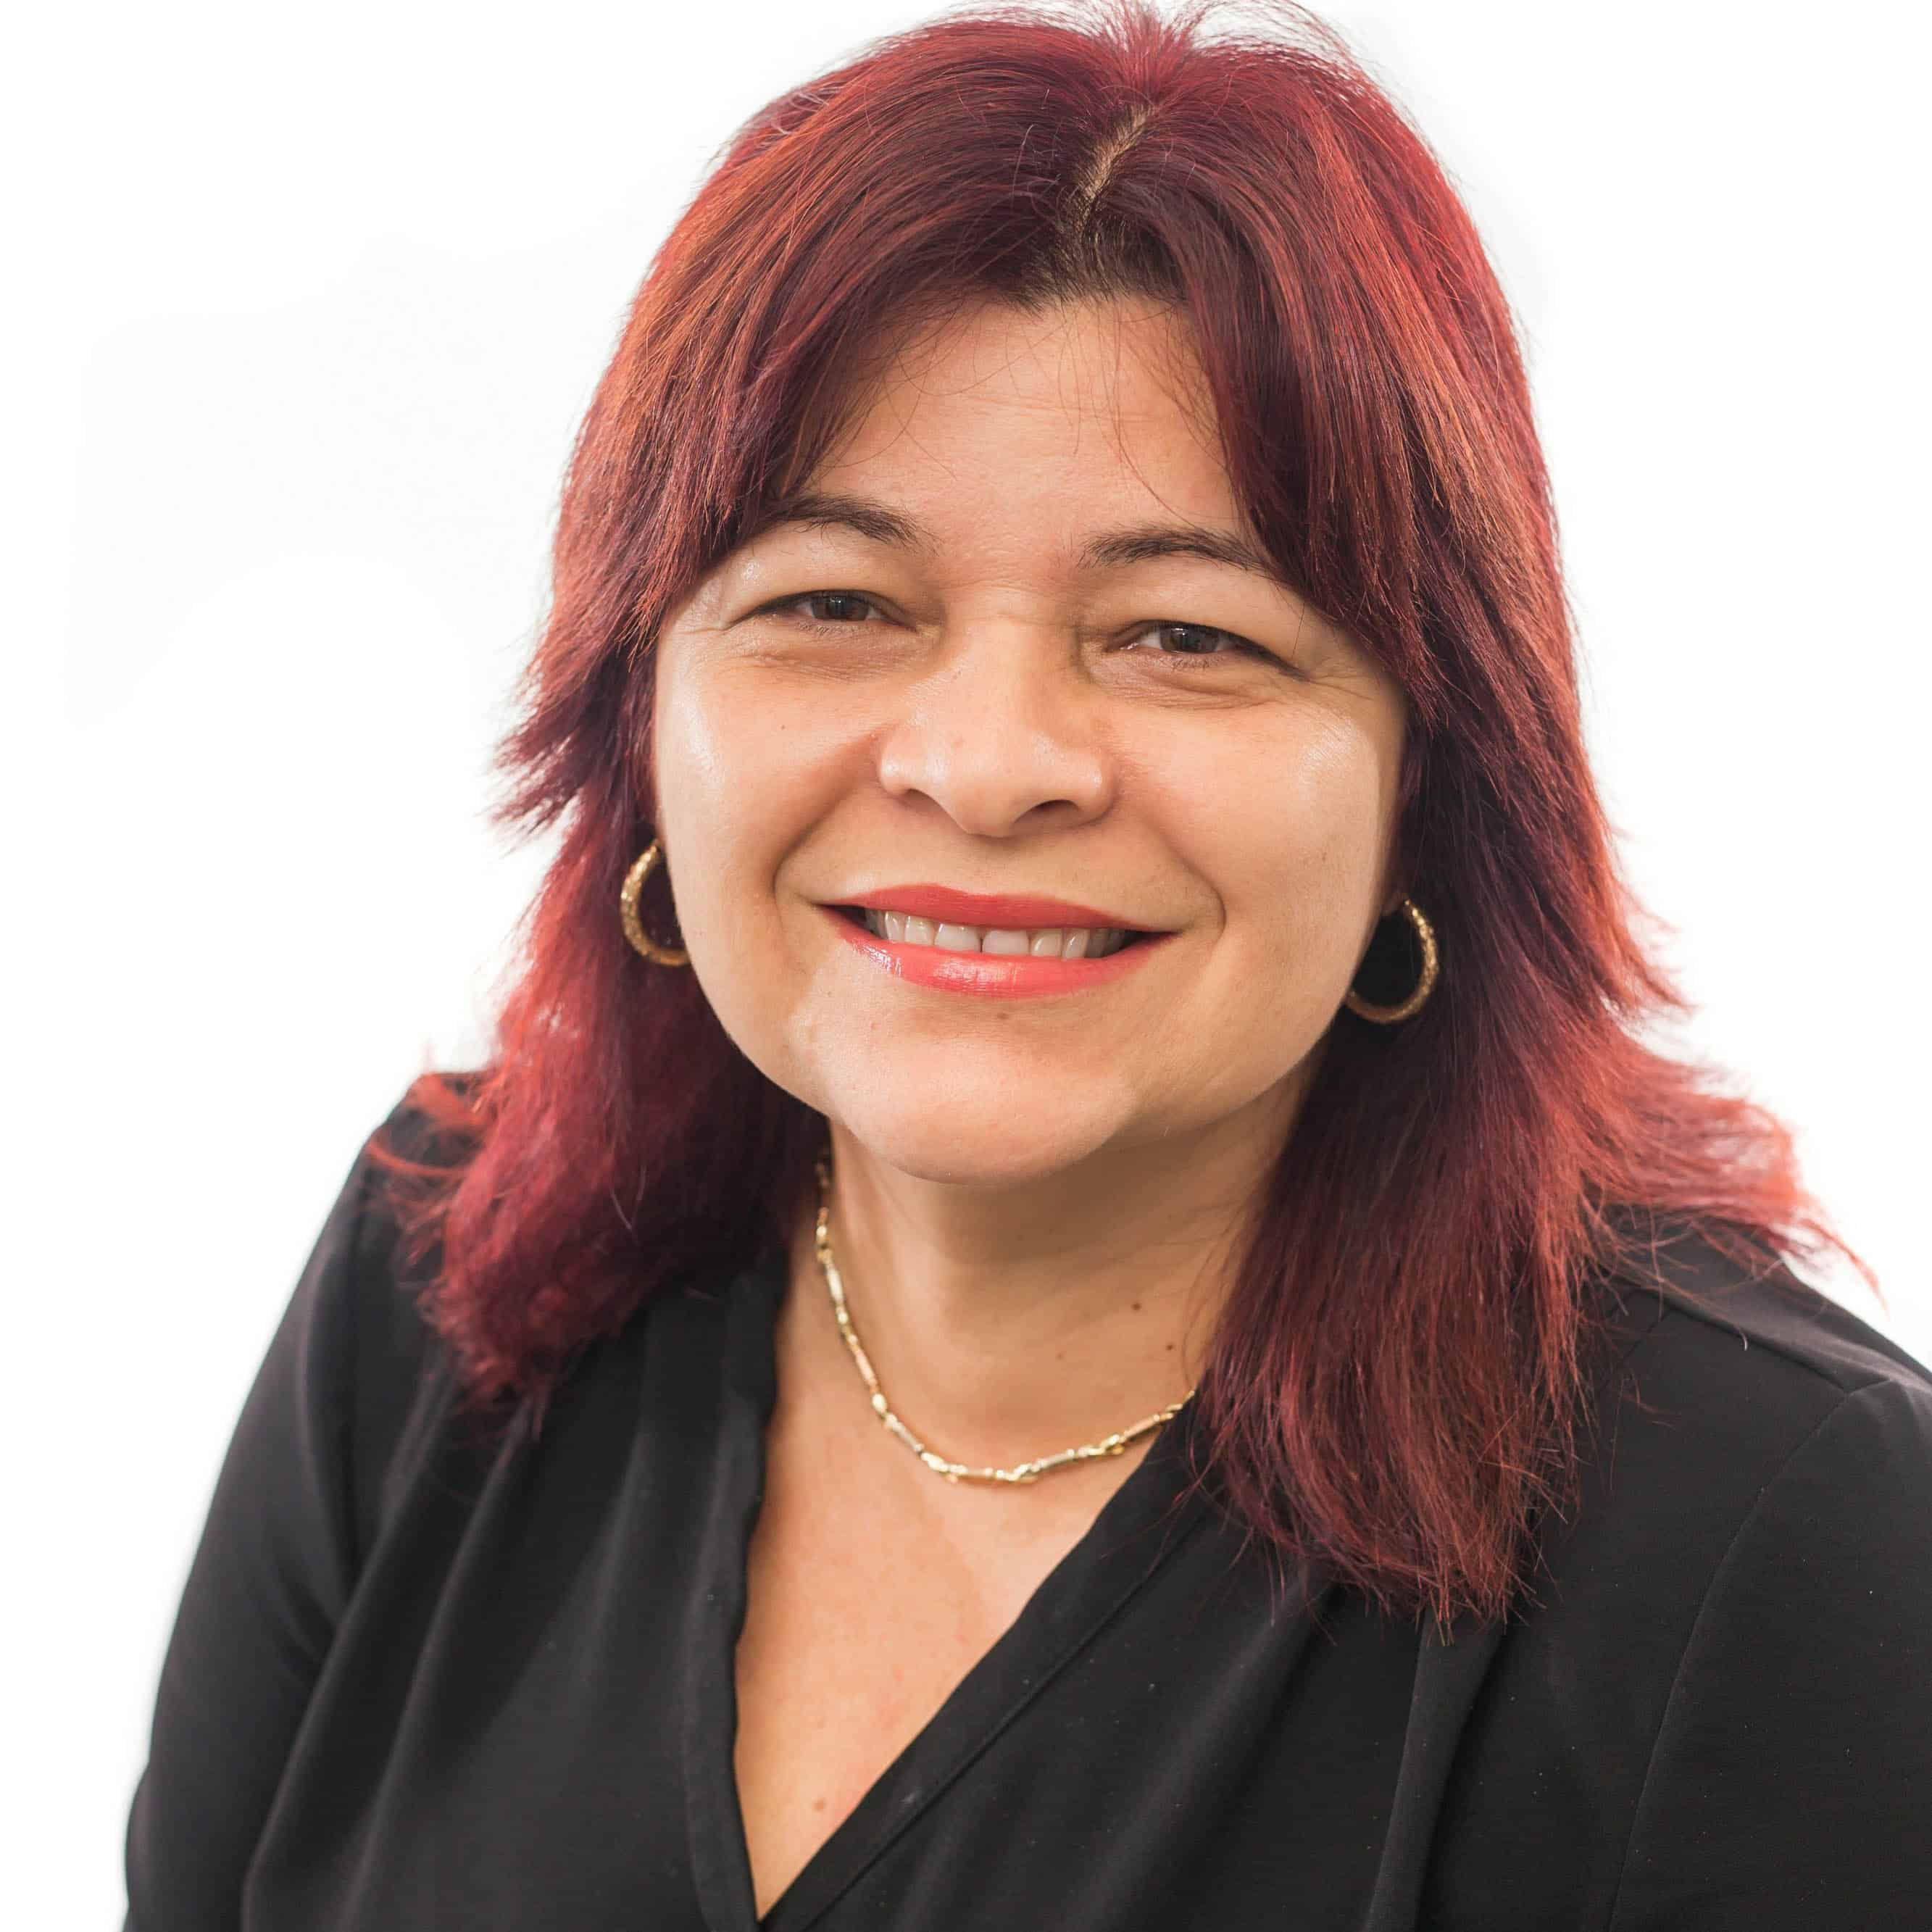 Delilah Rosario